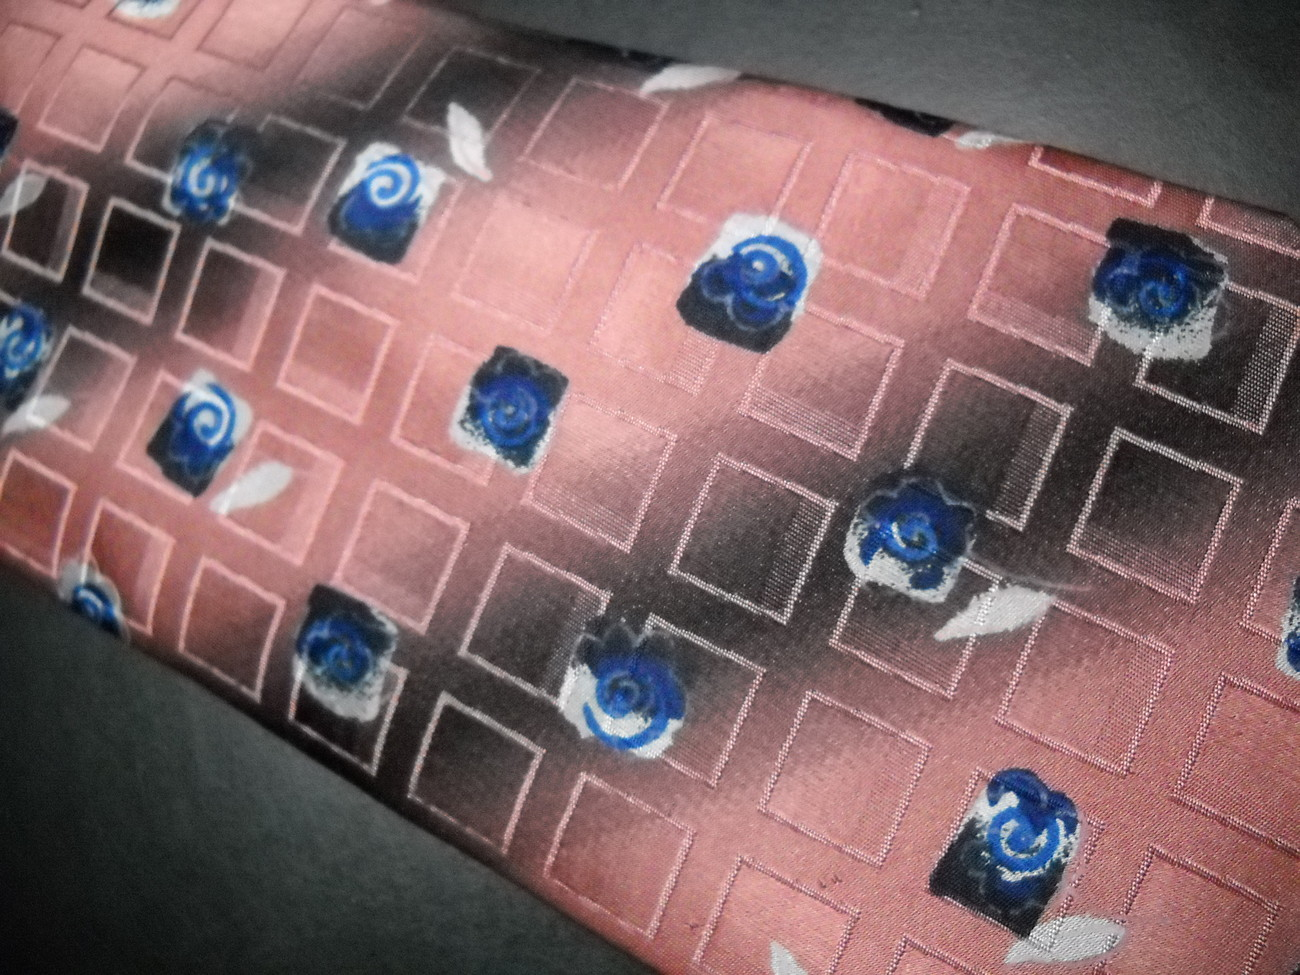 Ermenegildo Zegna Disegno Esclusivo Neck Tie Broad Band Stripes with Blue Roses image 6